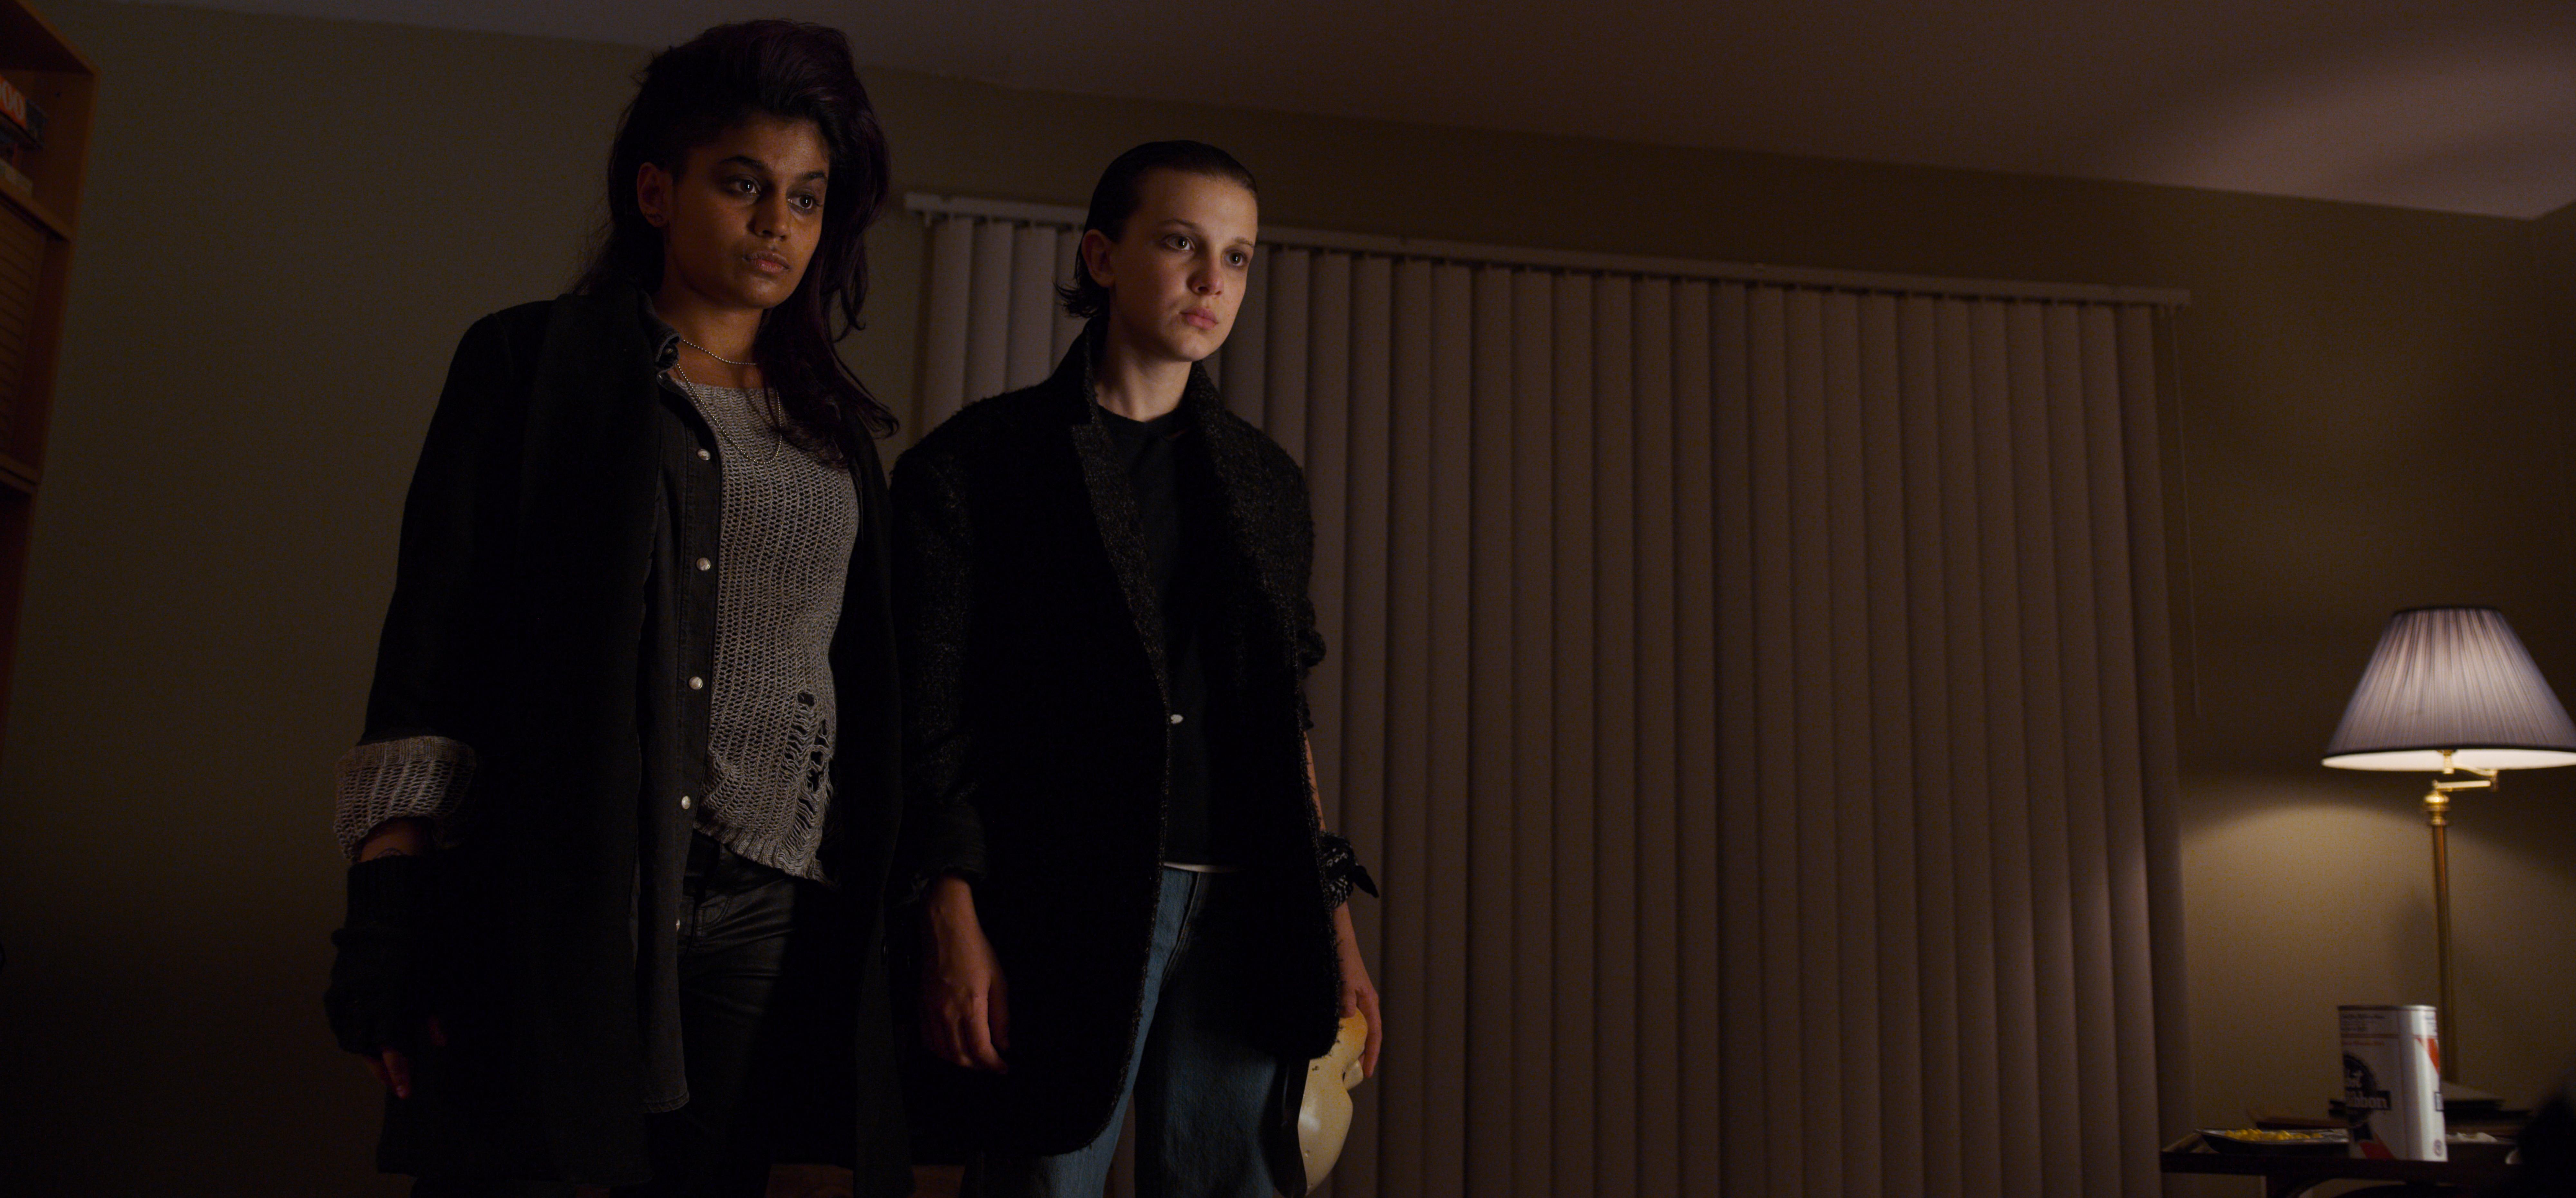 Linnea Berthelsen (Eight) e Millie Bobby Brown (Eleven) na 2ª temporada da série